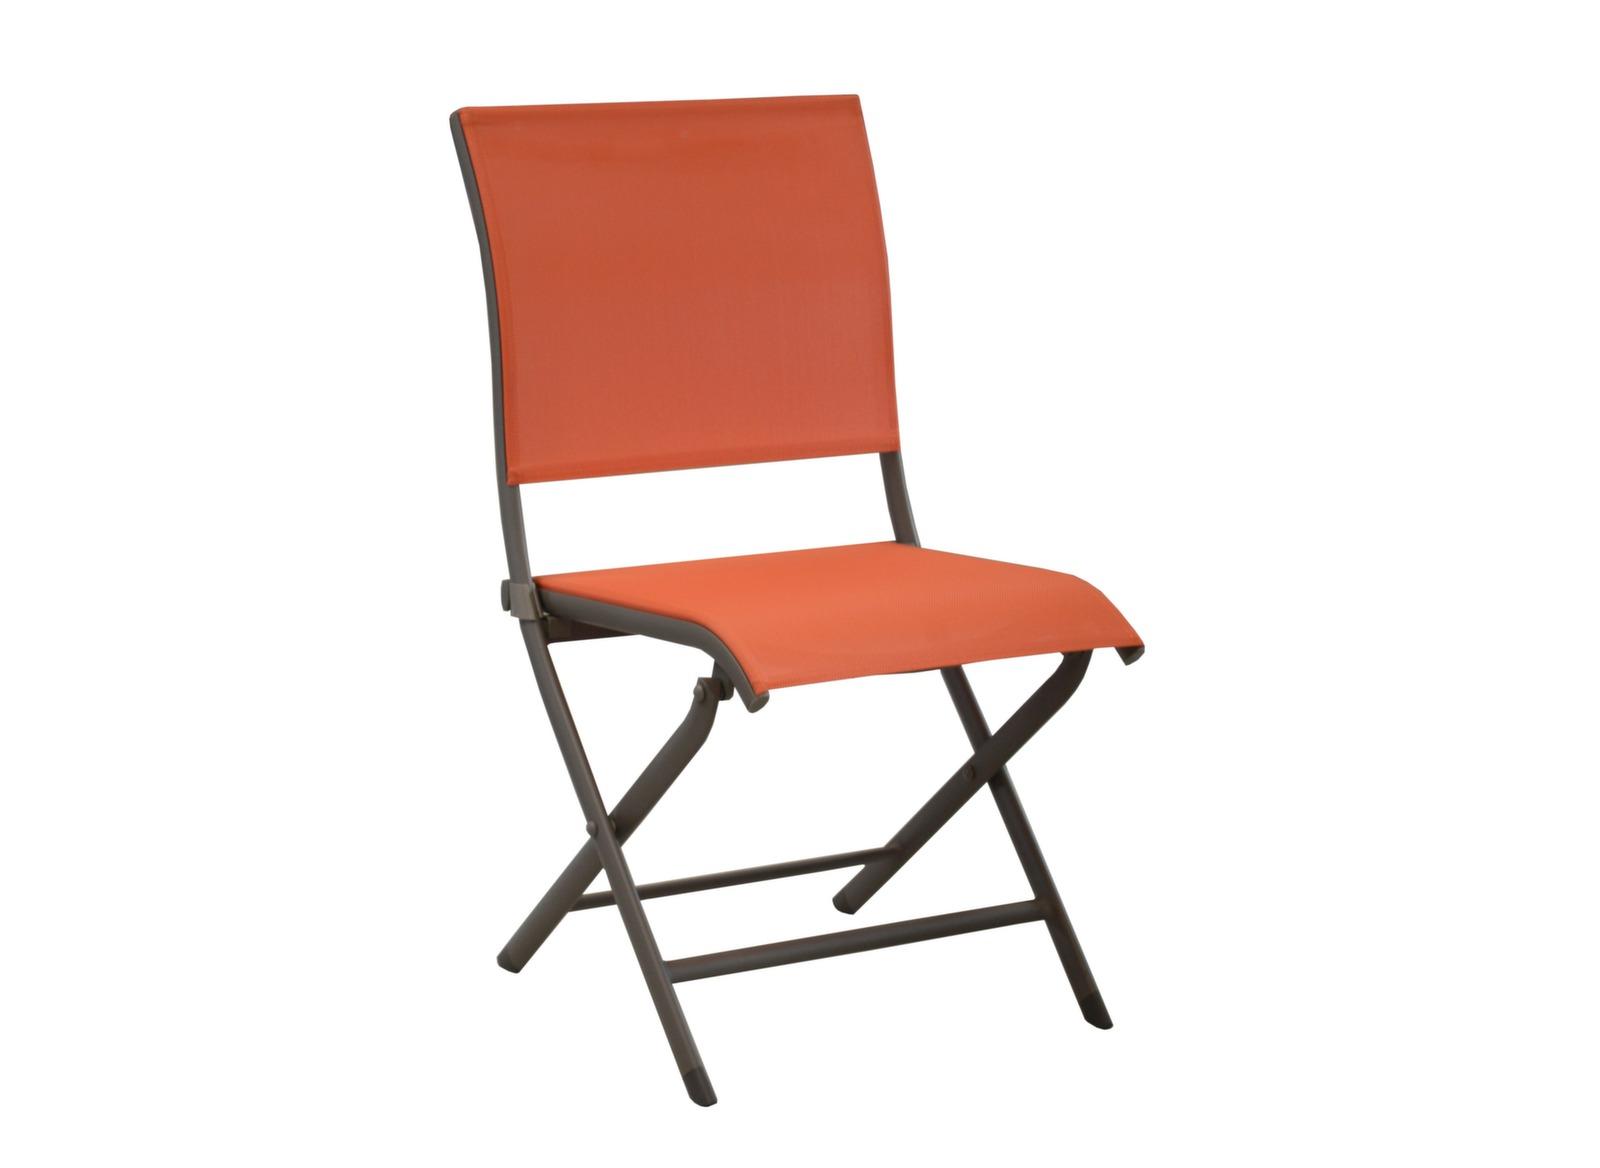 Chaise pliante de jardin alu et textil ne l gance oc o - Chaise pliante toile ...